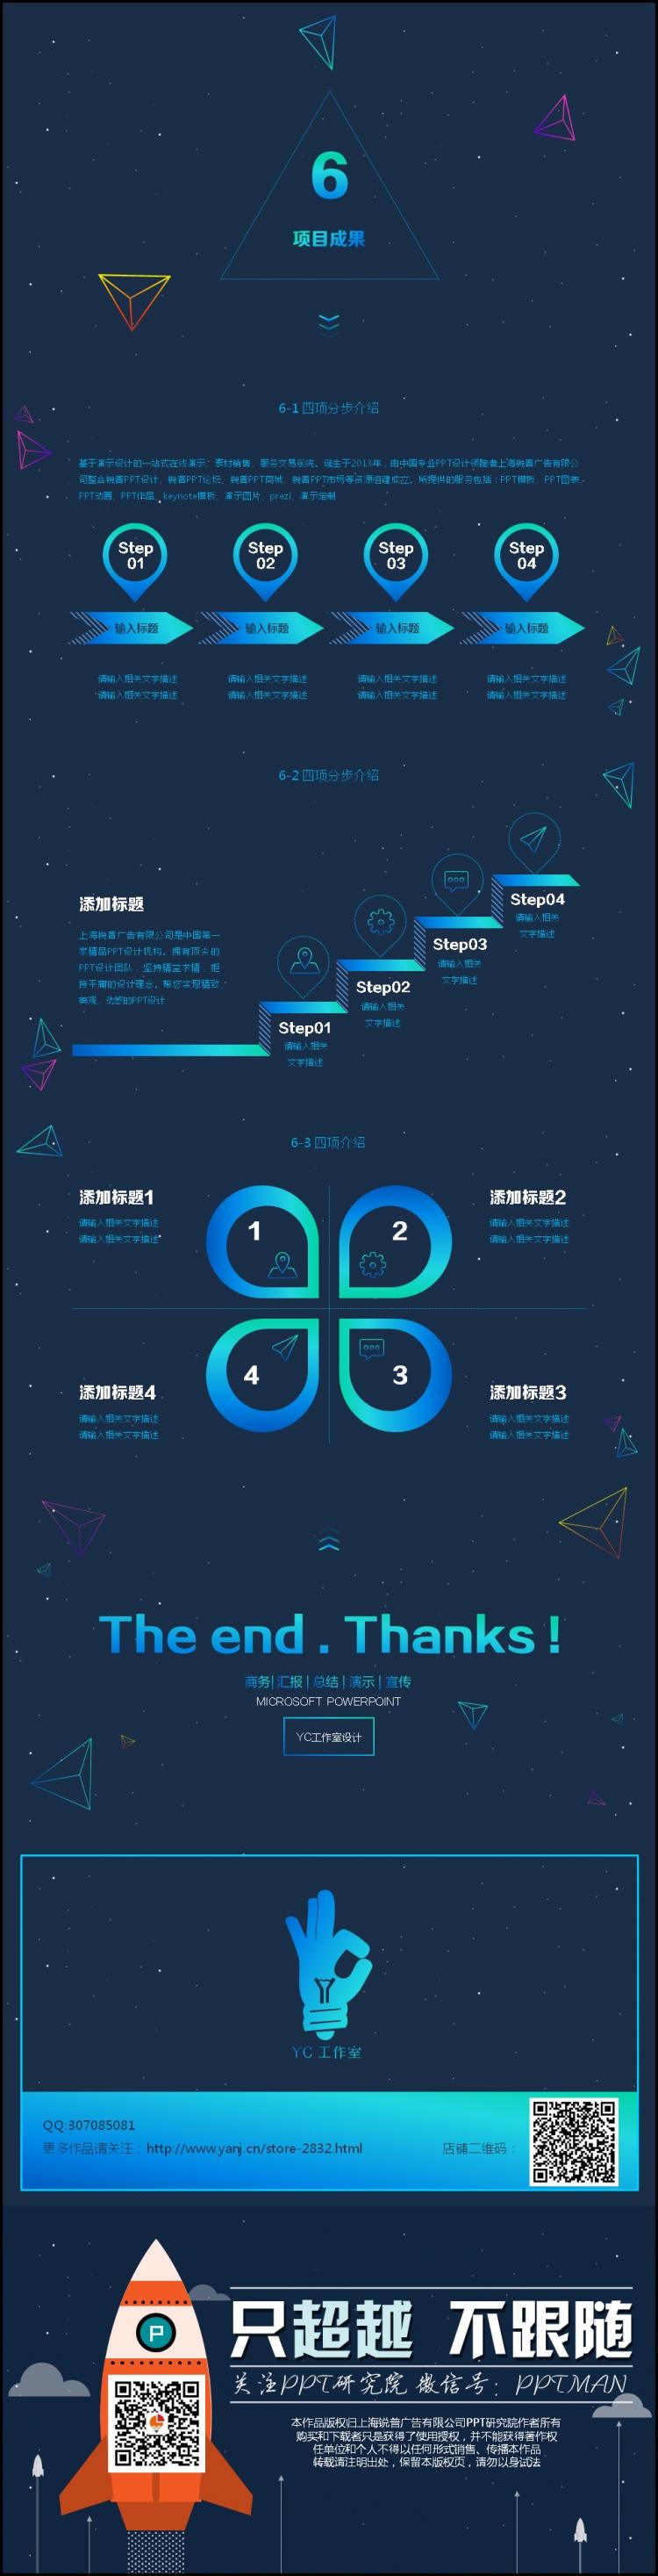 炫蓝科幻风ppt模板 - 演界网,中国首家演示设计交易